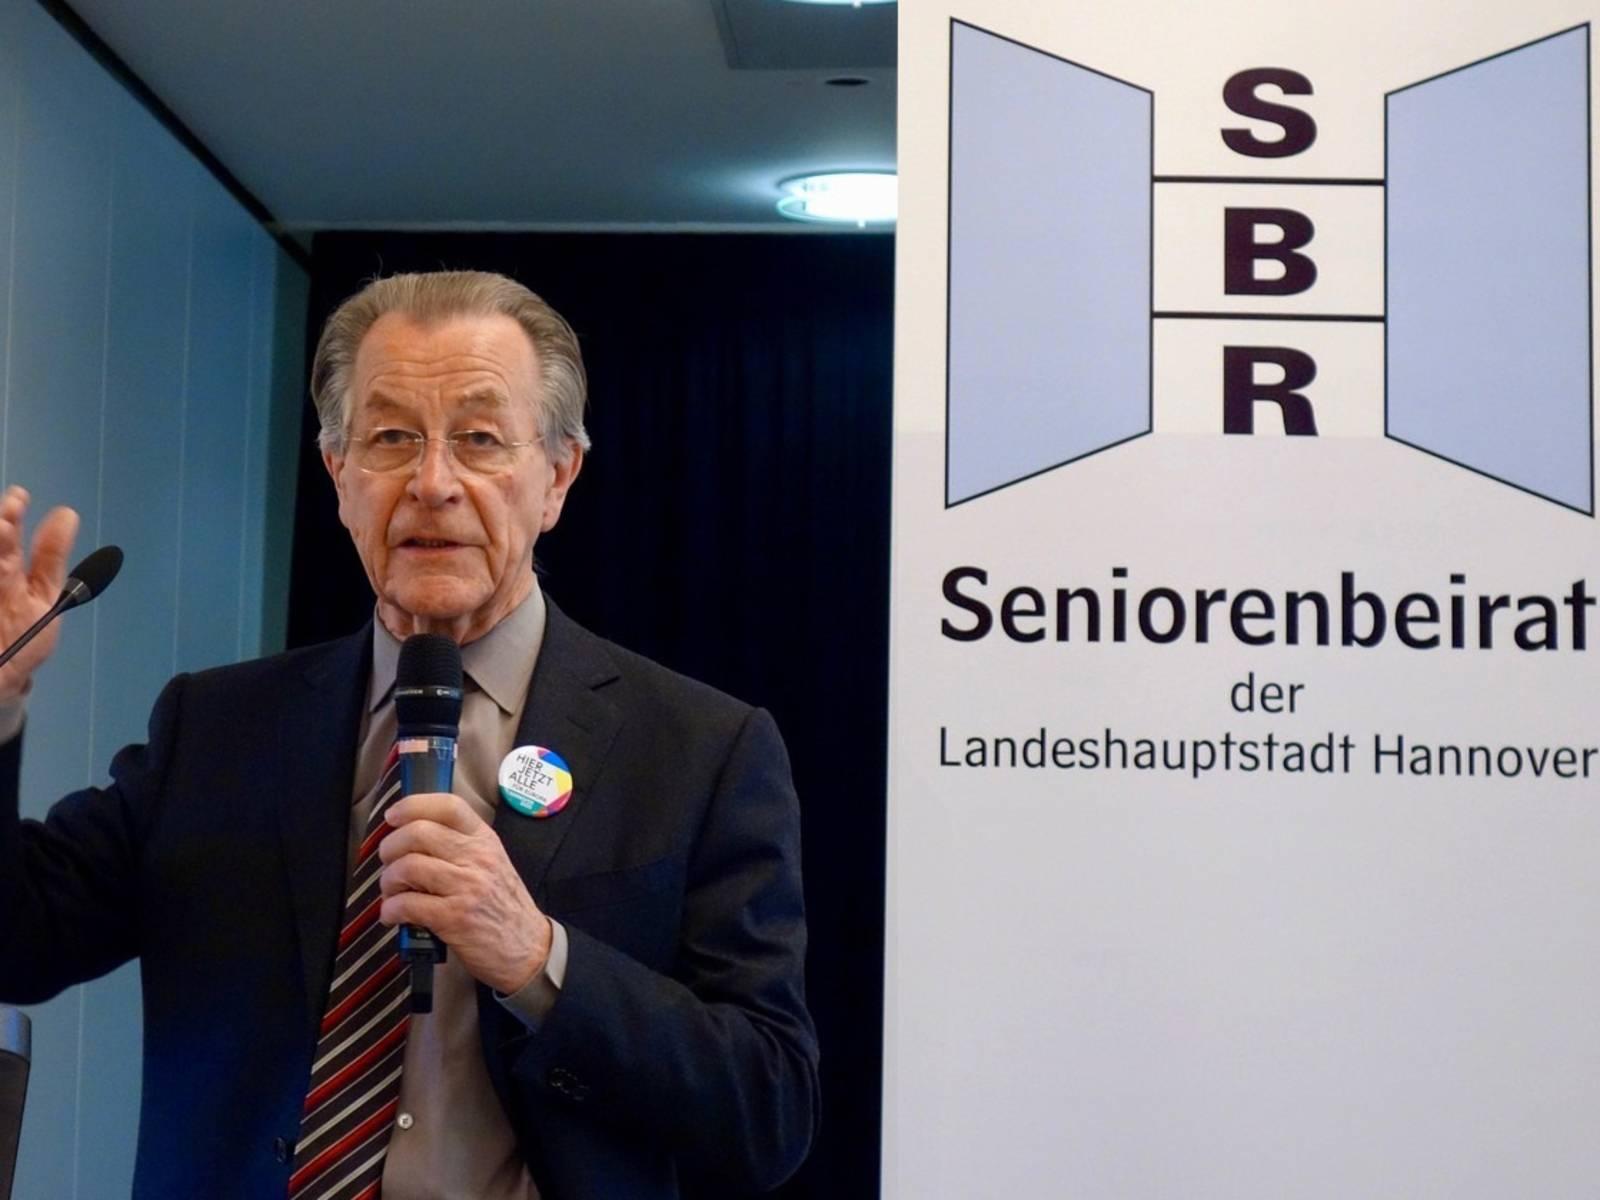 Franz Müntefering spricht auf der Delegiertenversammlung des Seniorenbeirates der Landeshauptstadt Hannover.